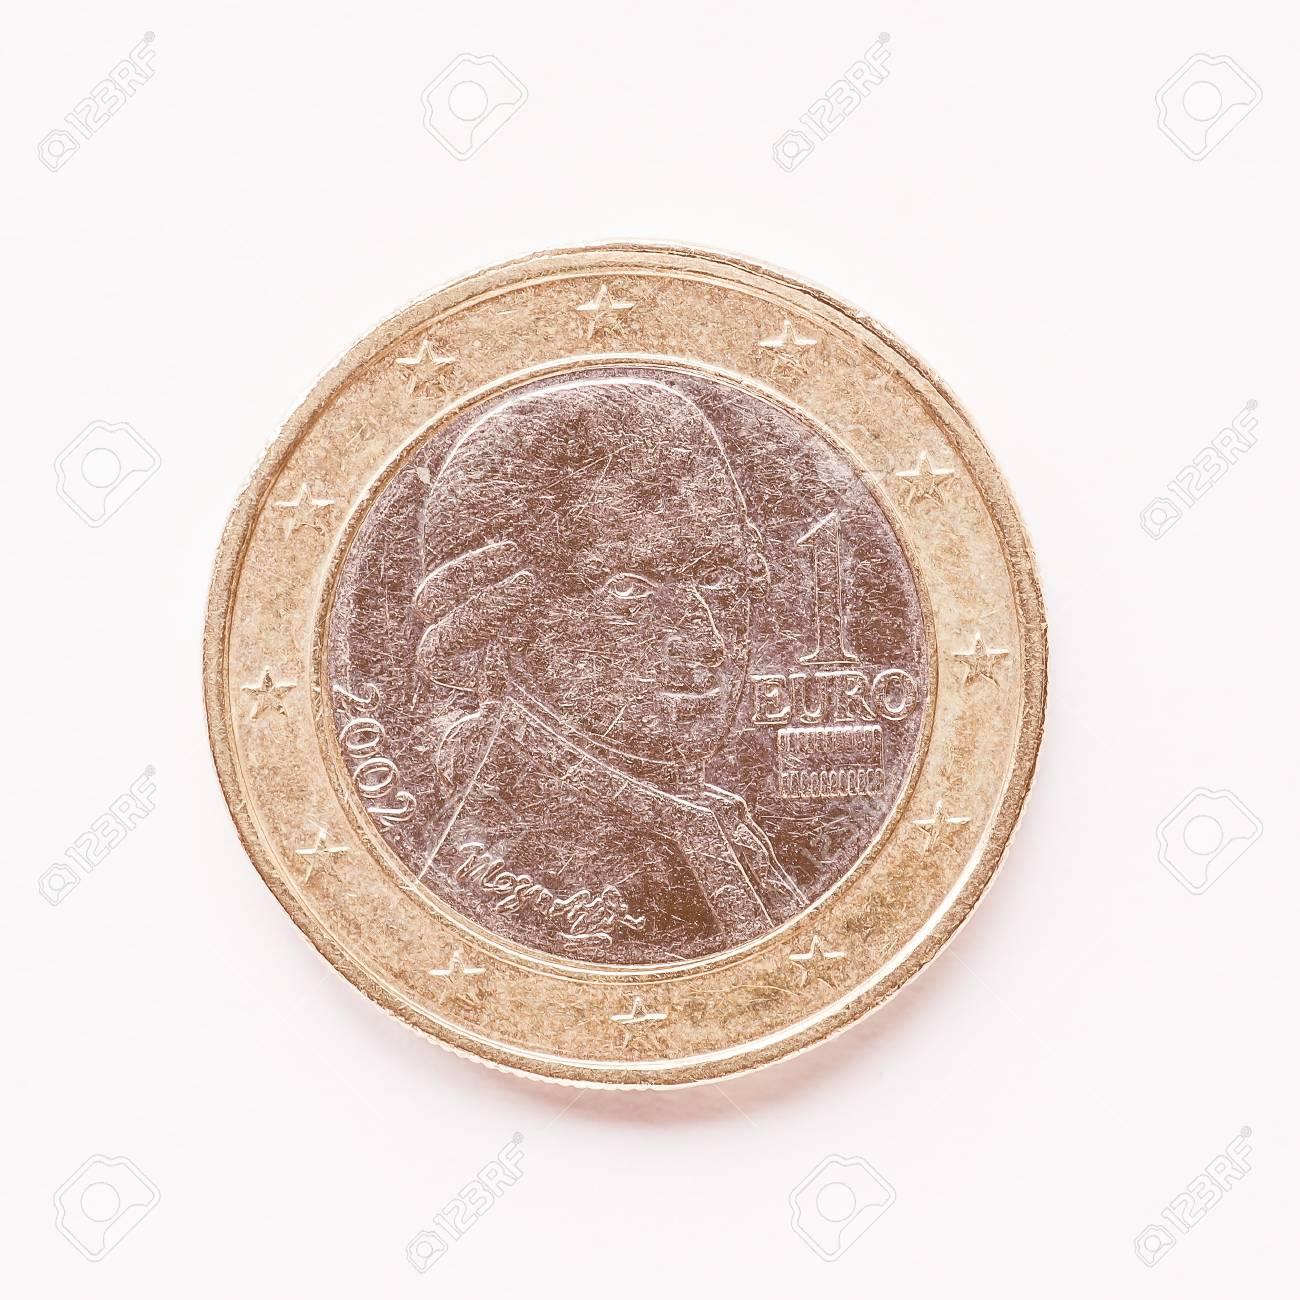 Währung Der Europe 1 Euro Münze Aus österreich Jahrgang Lizenzfreie